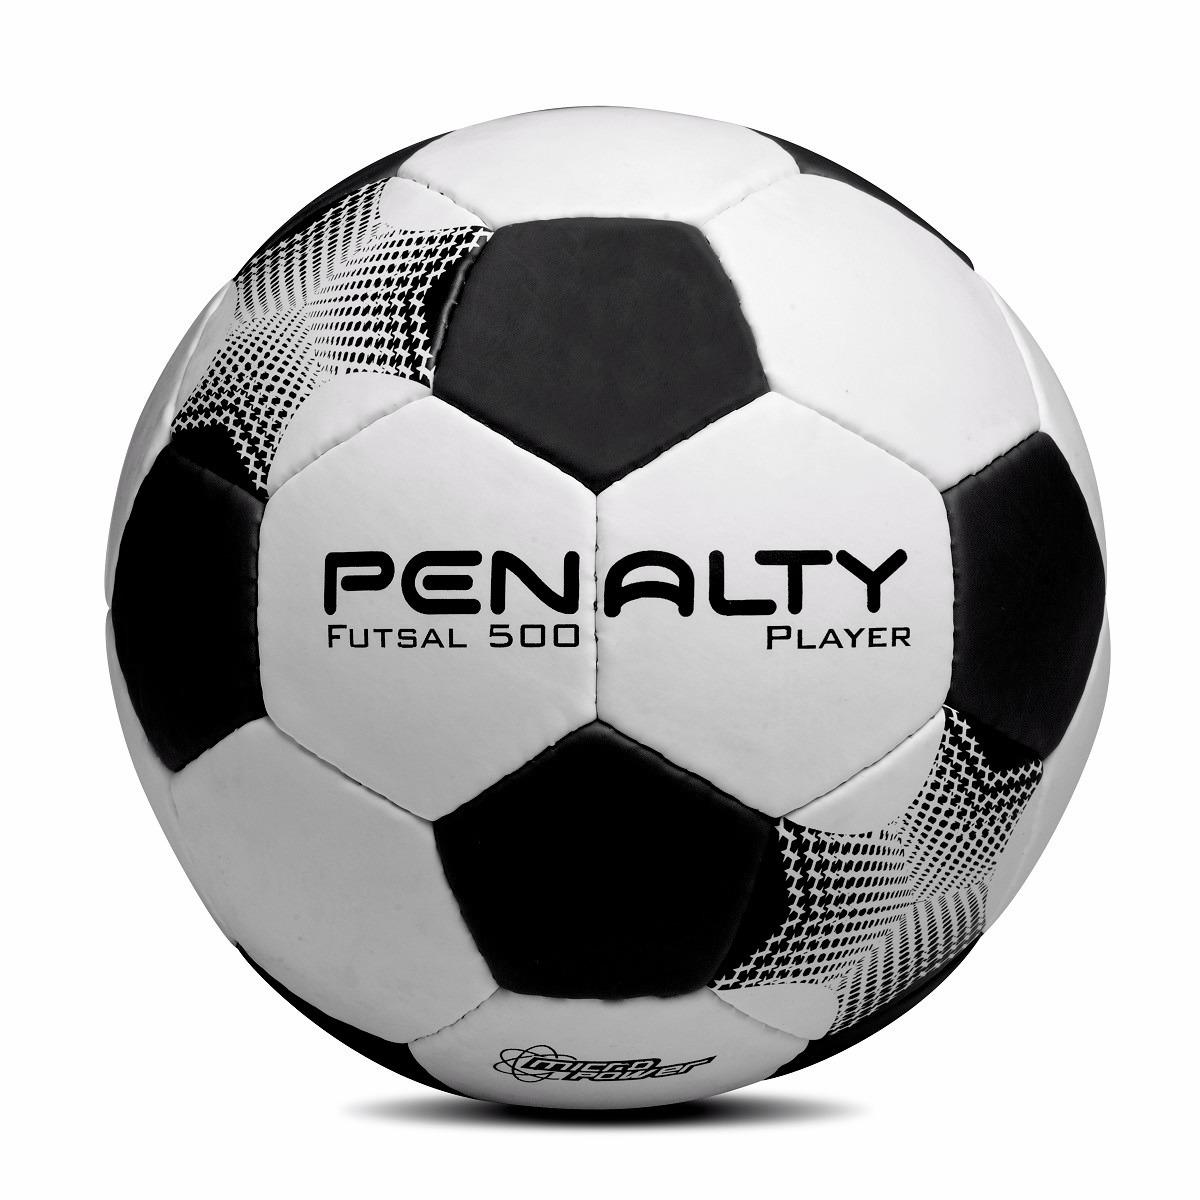 74efad20ce689 Bola Futsal Penalty Player Futebol De Salão Costurada A Mão - R  69 ...